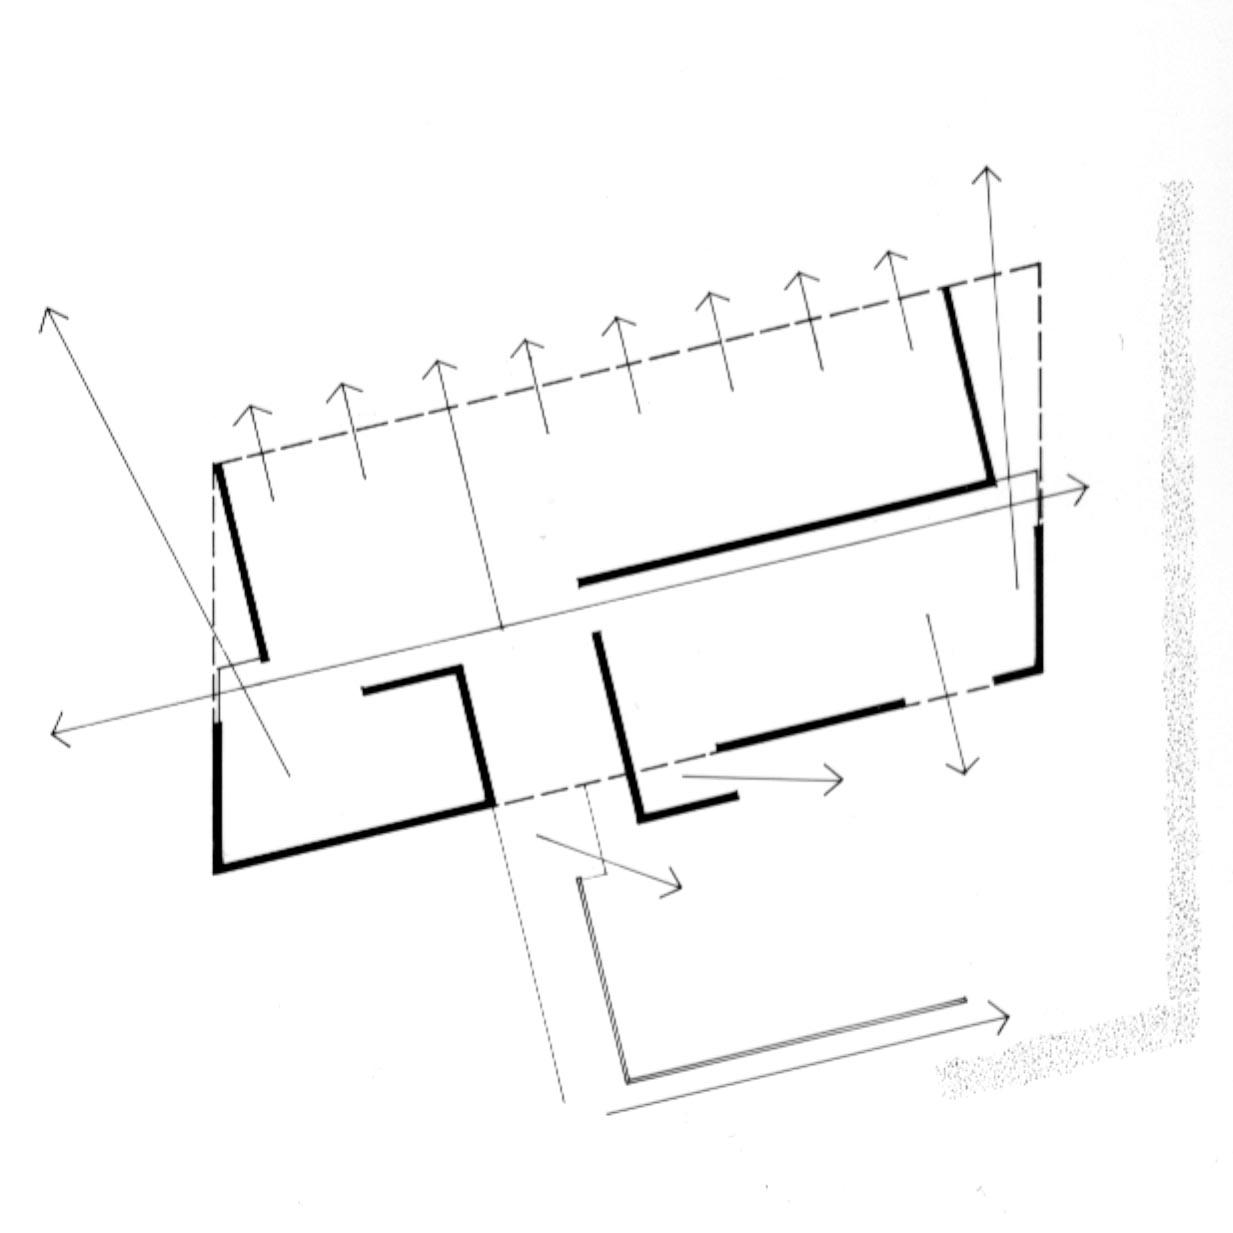 marshall-enclosure diag.B.jpg